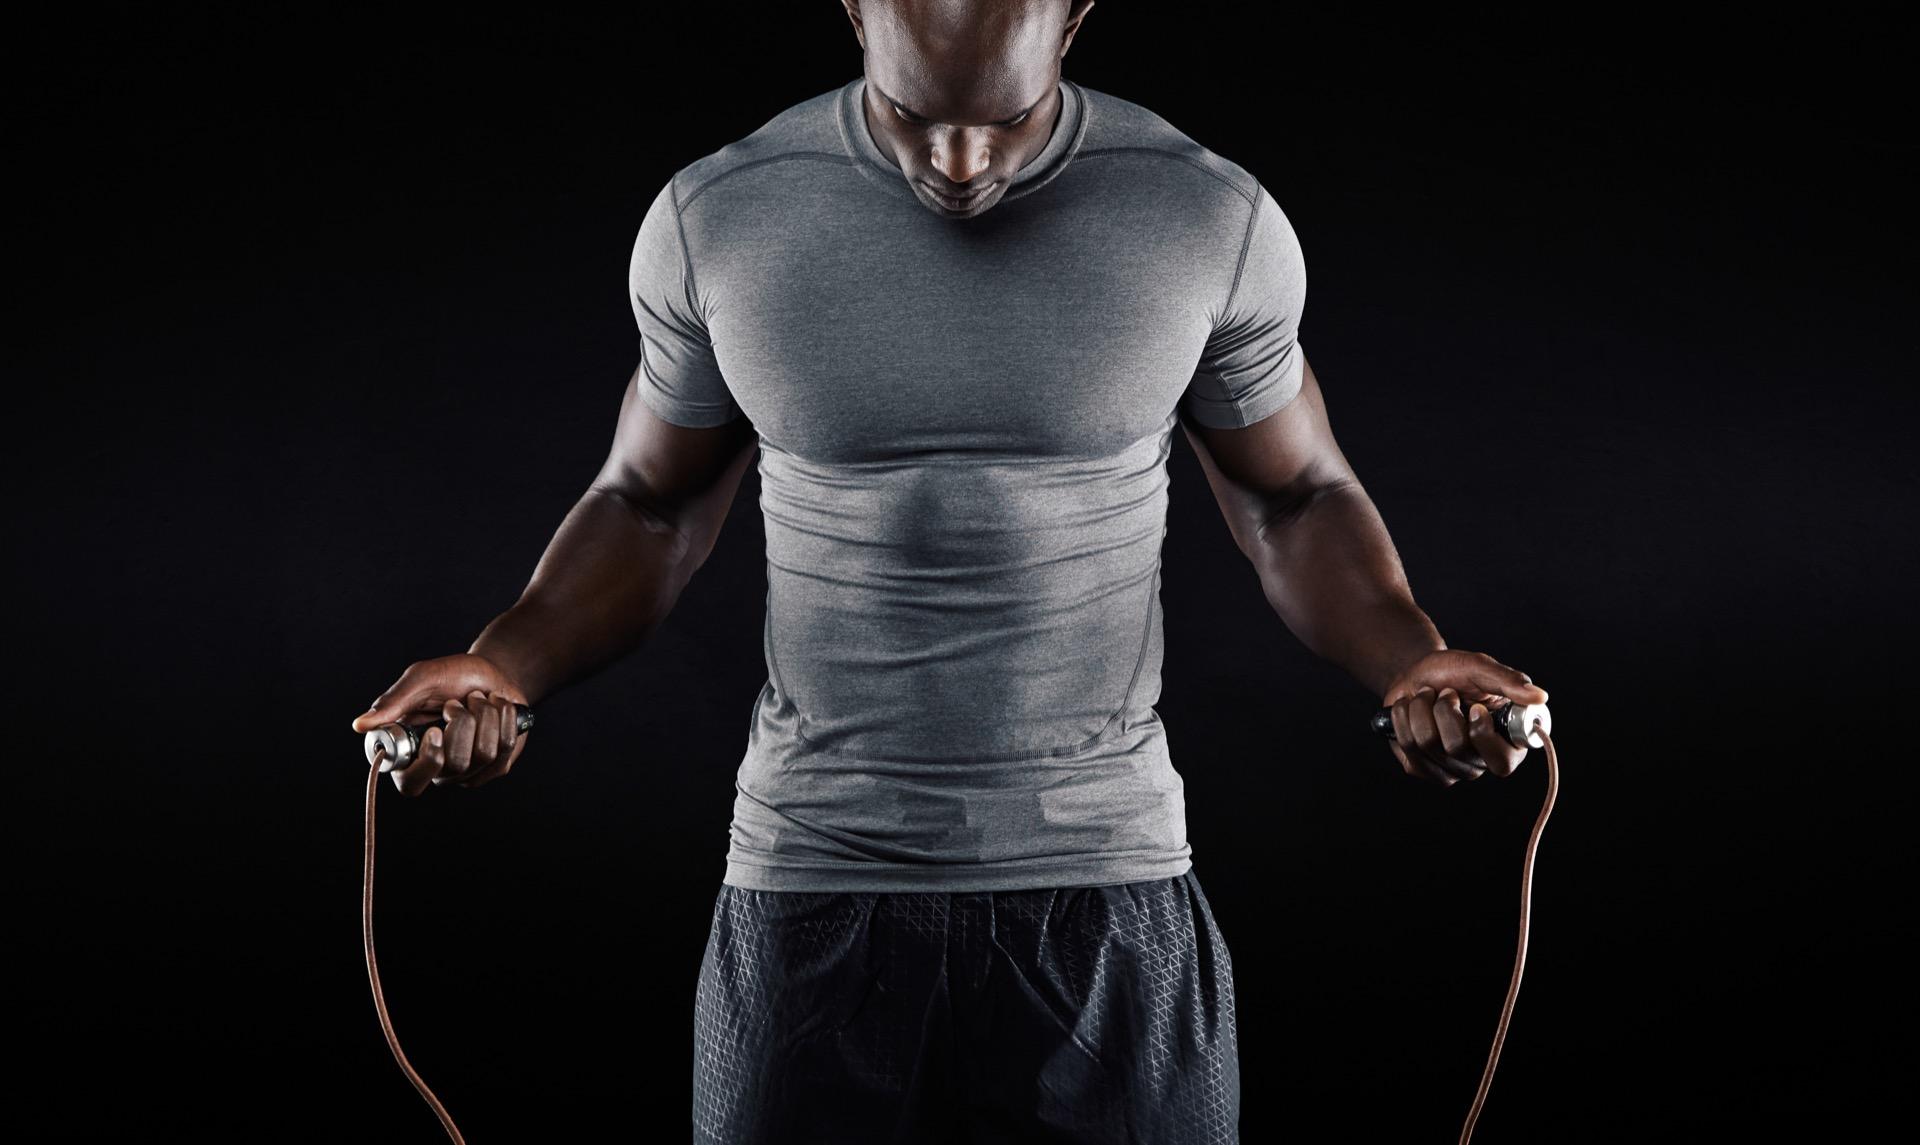 trening som forbrenner fett